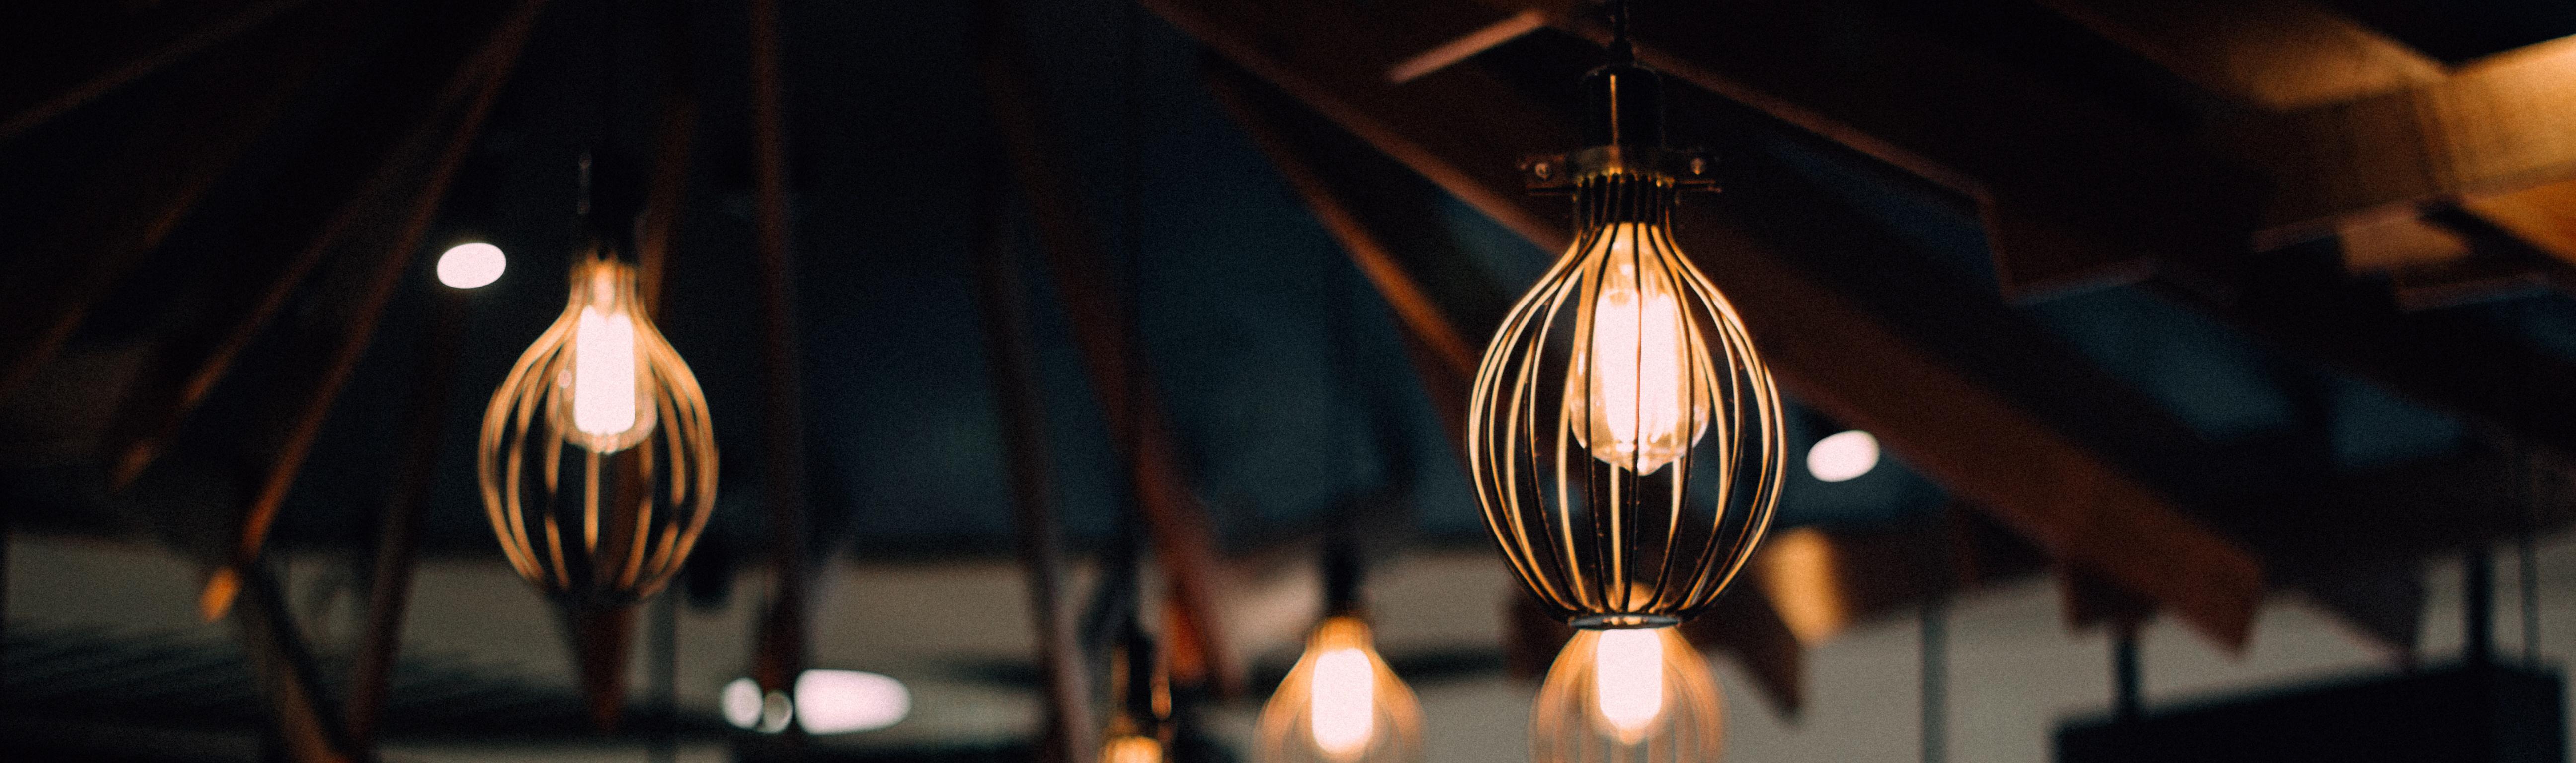 unique statement lighting